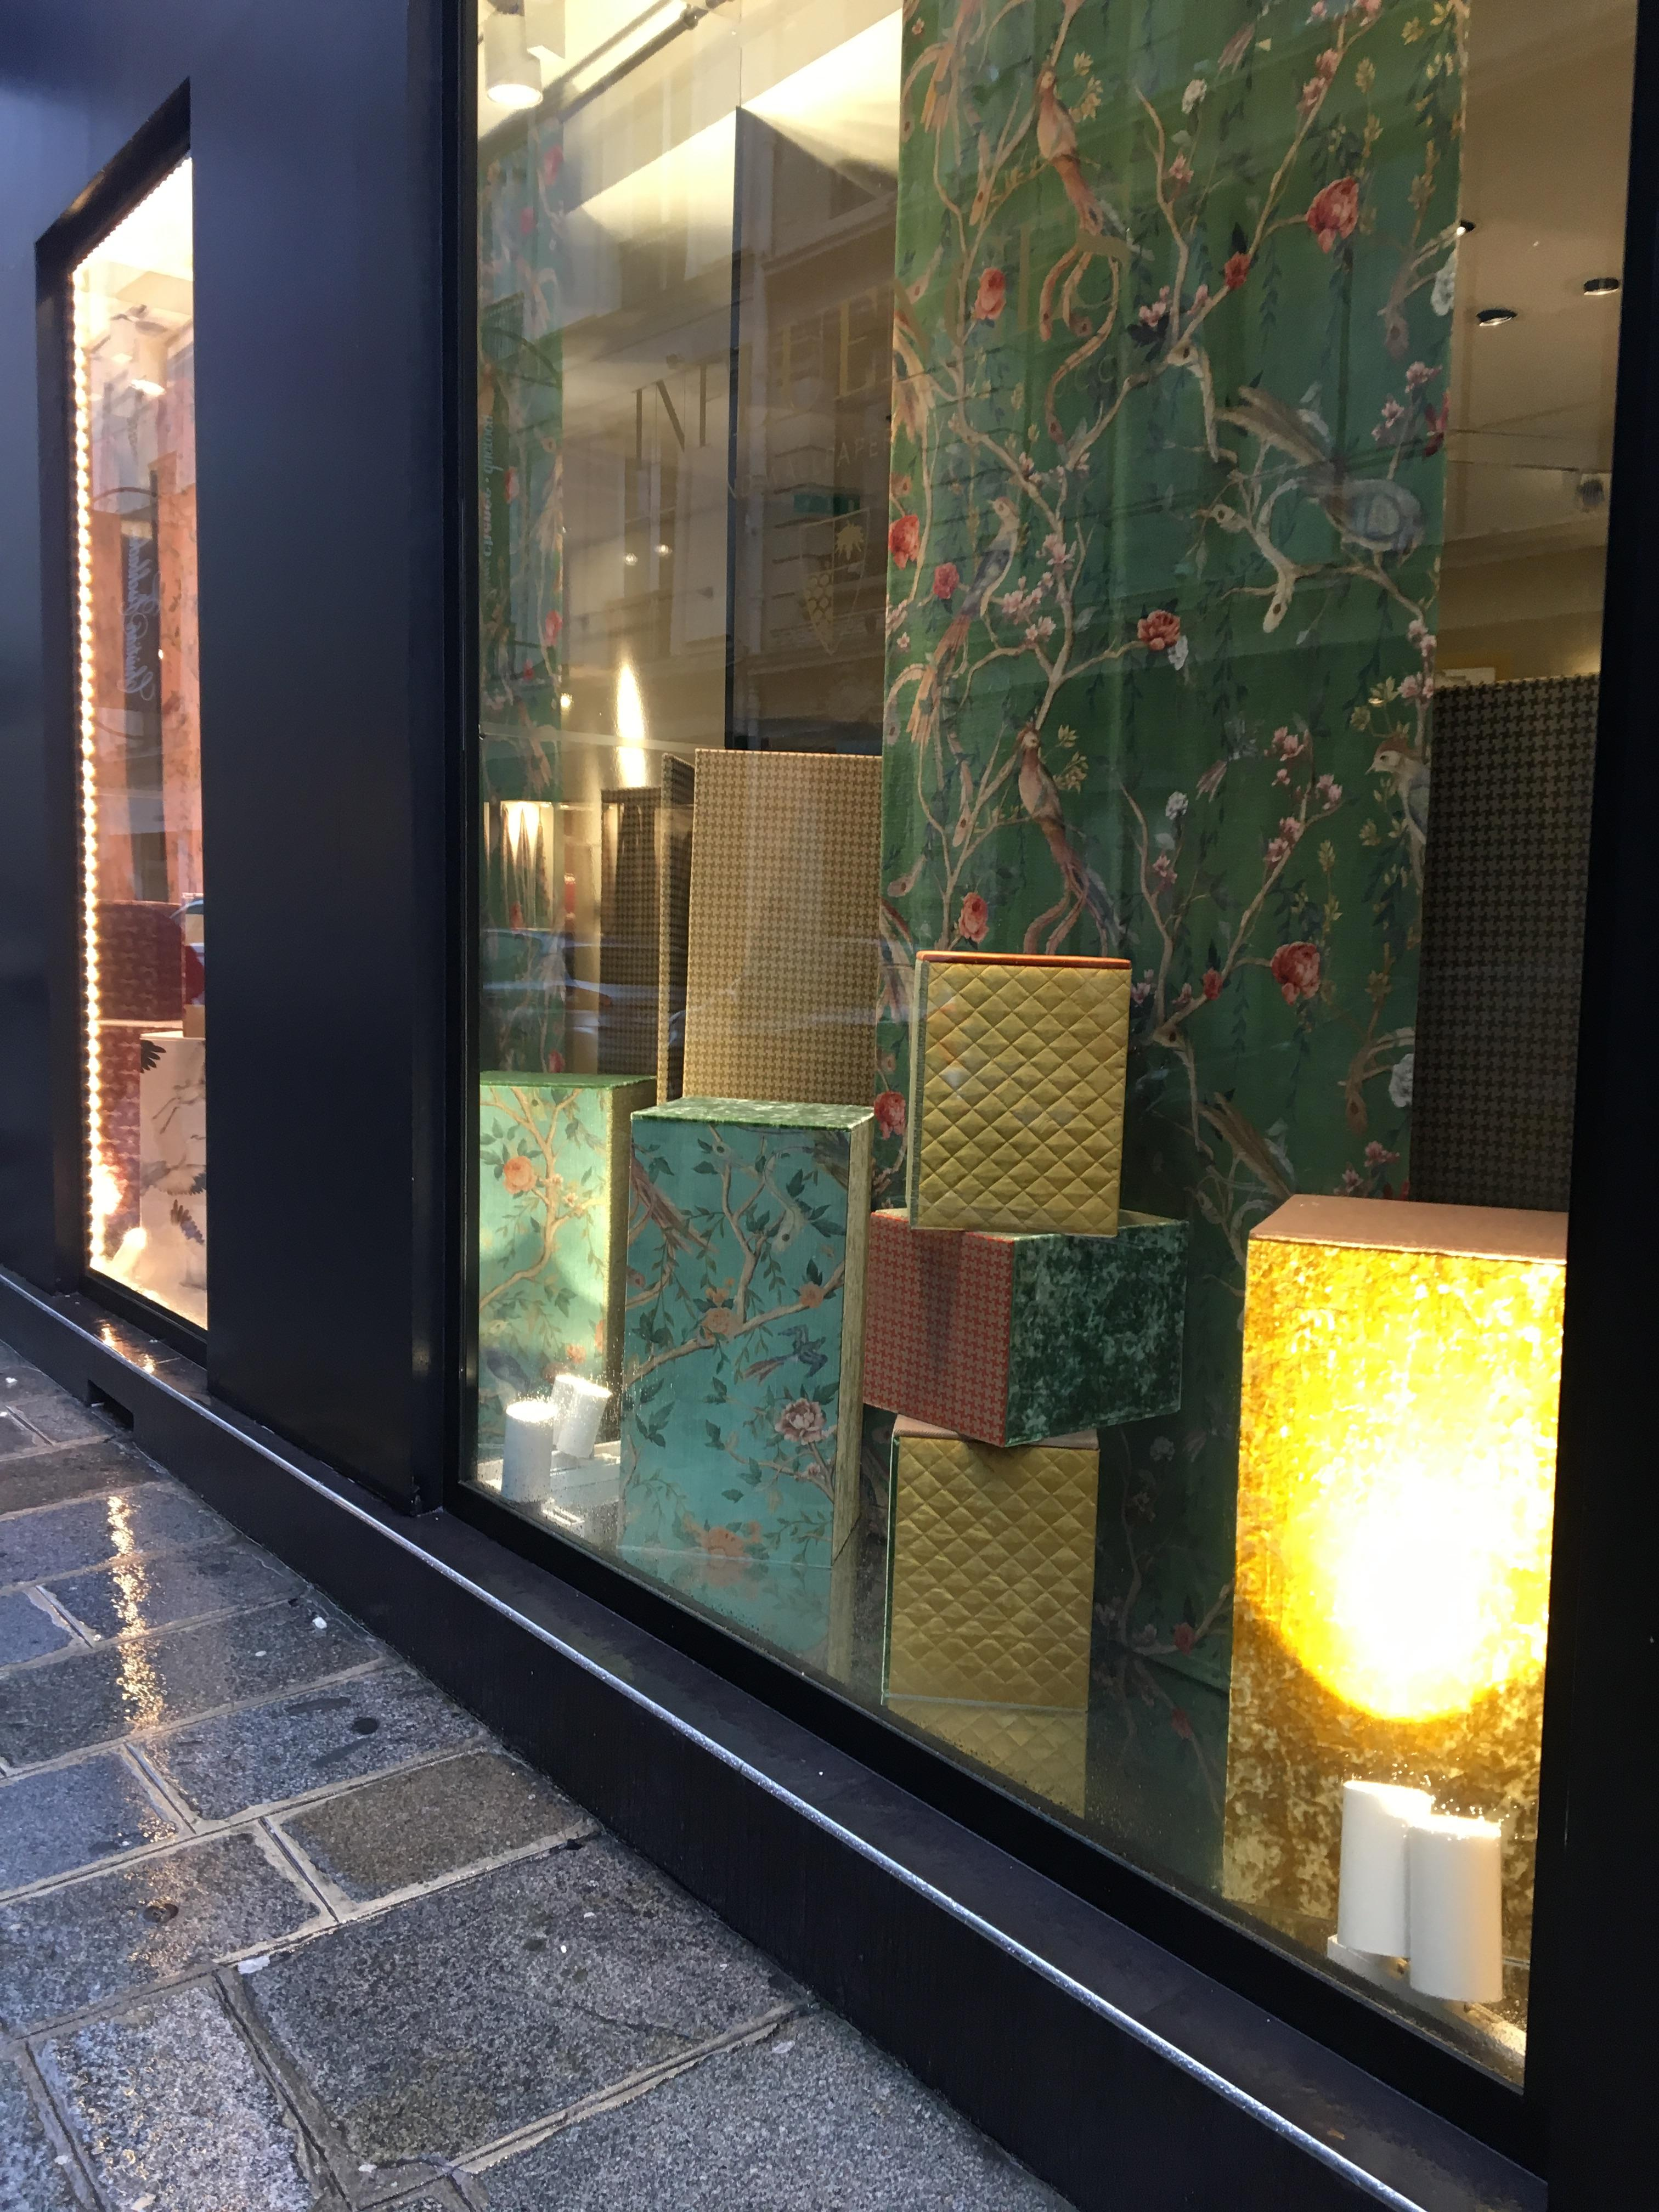 JAB/Chivasso window, Paris Deco Off 2018